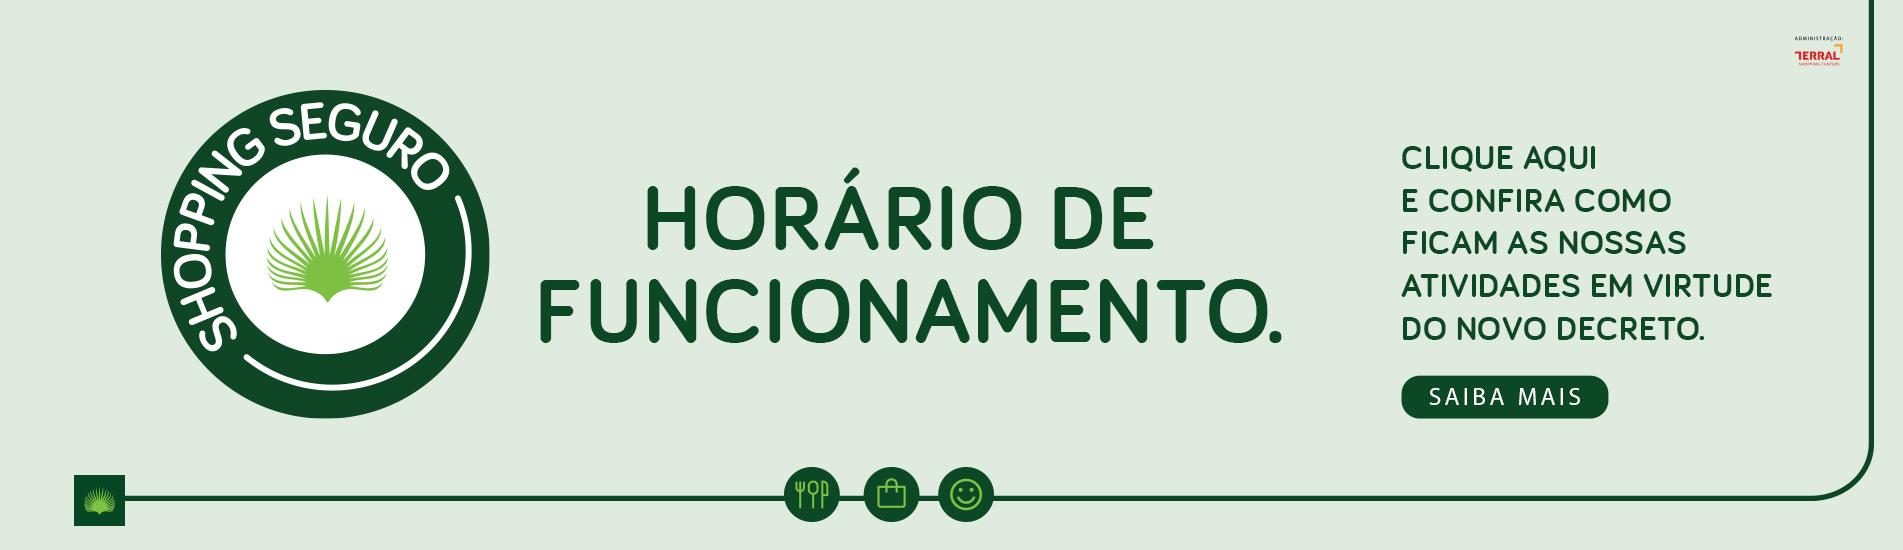 HORÁRIO DE FUNCIONAMENTO - NOVO DECRETO